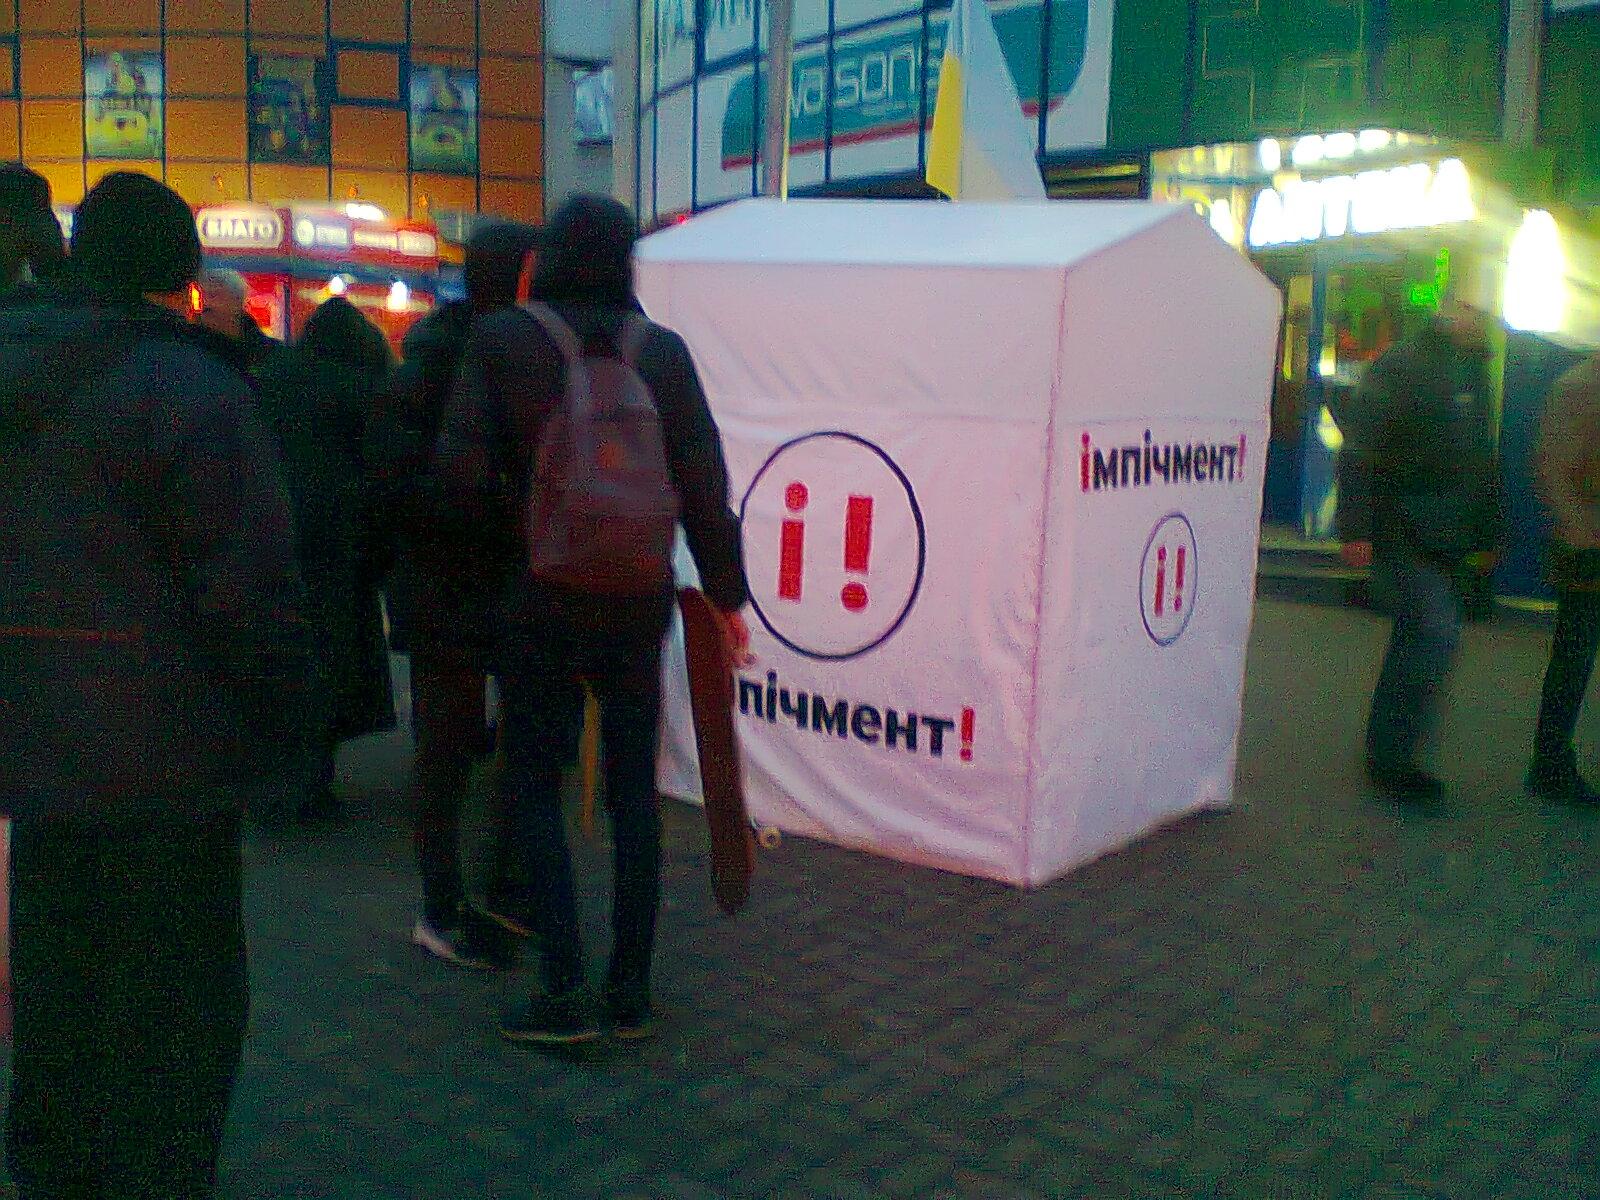 Нейтралізація найбільшої загрози для України